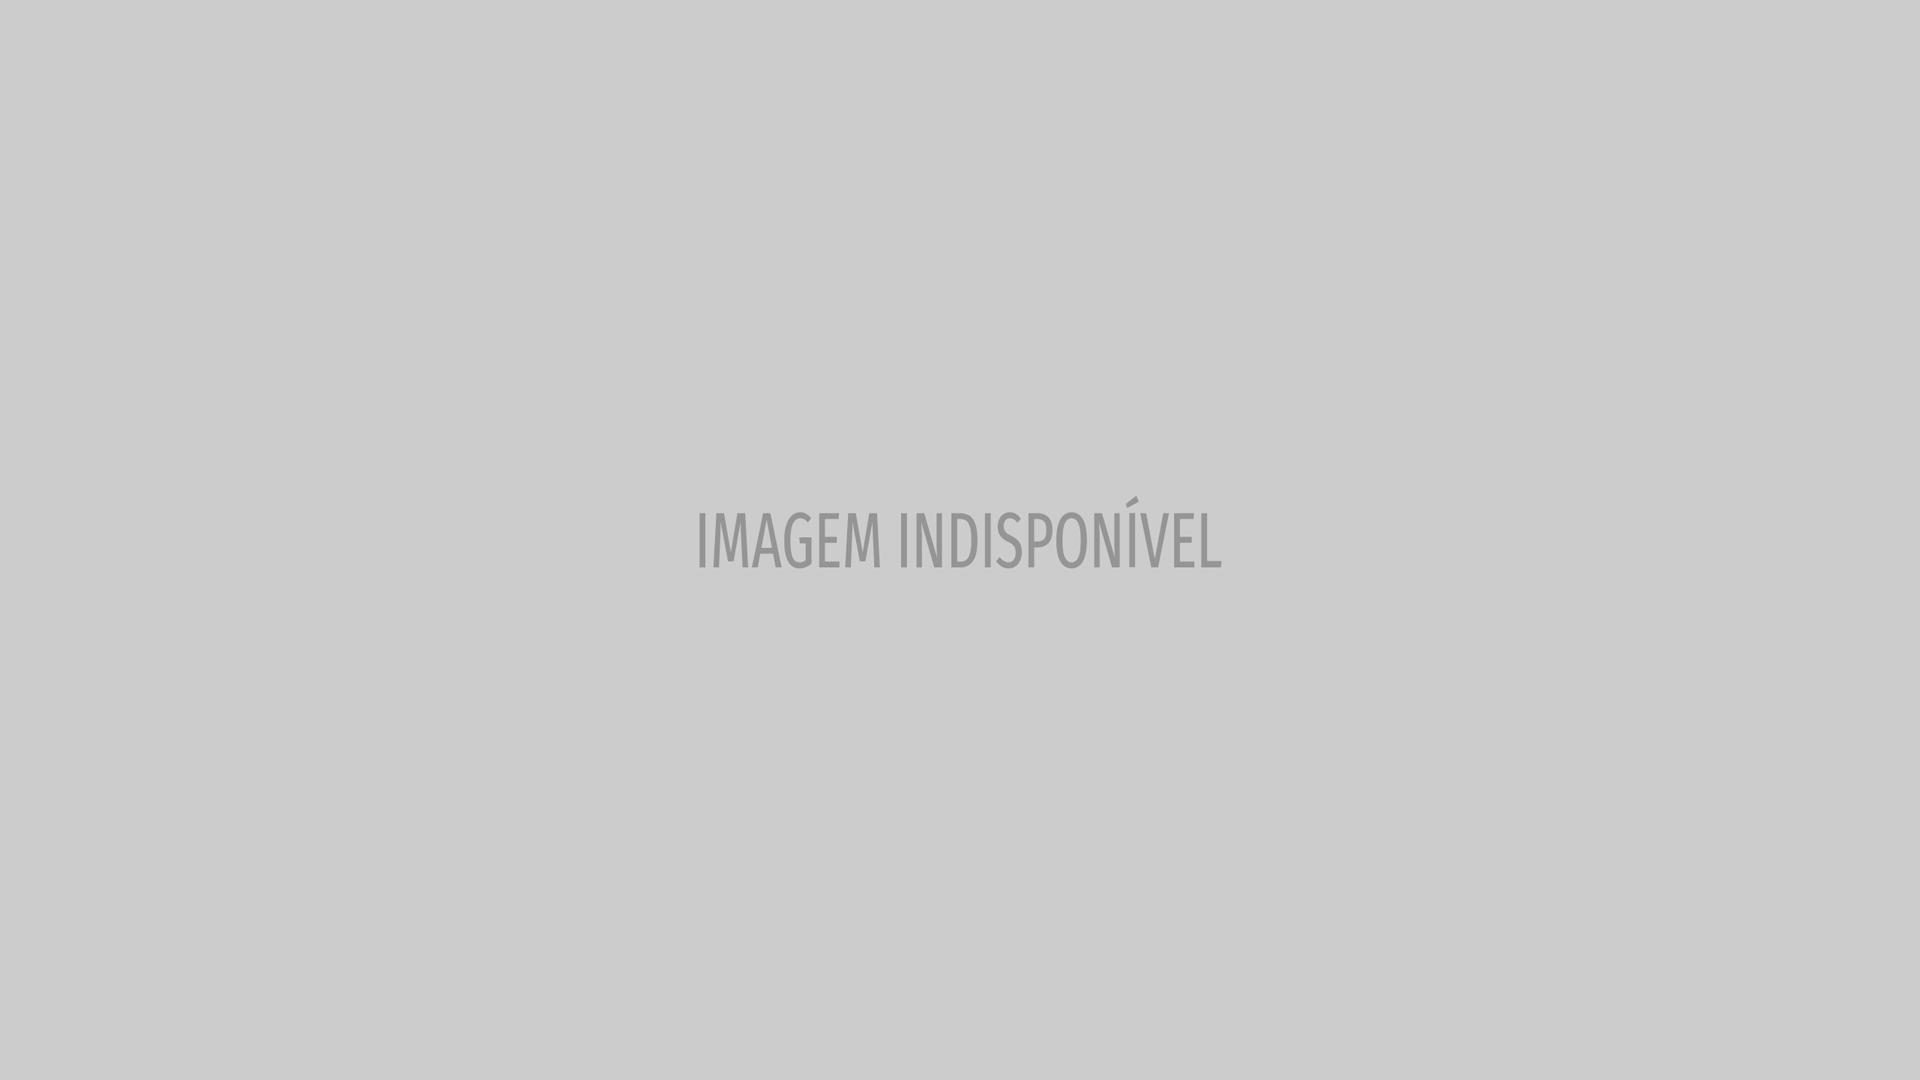 Marquezine, Gagliasso e mais artistas lamentam tragédia em Brumadinho